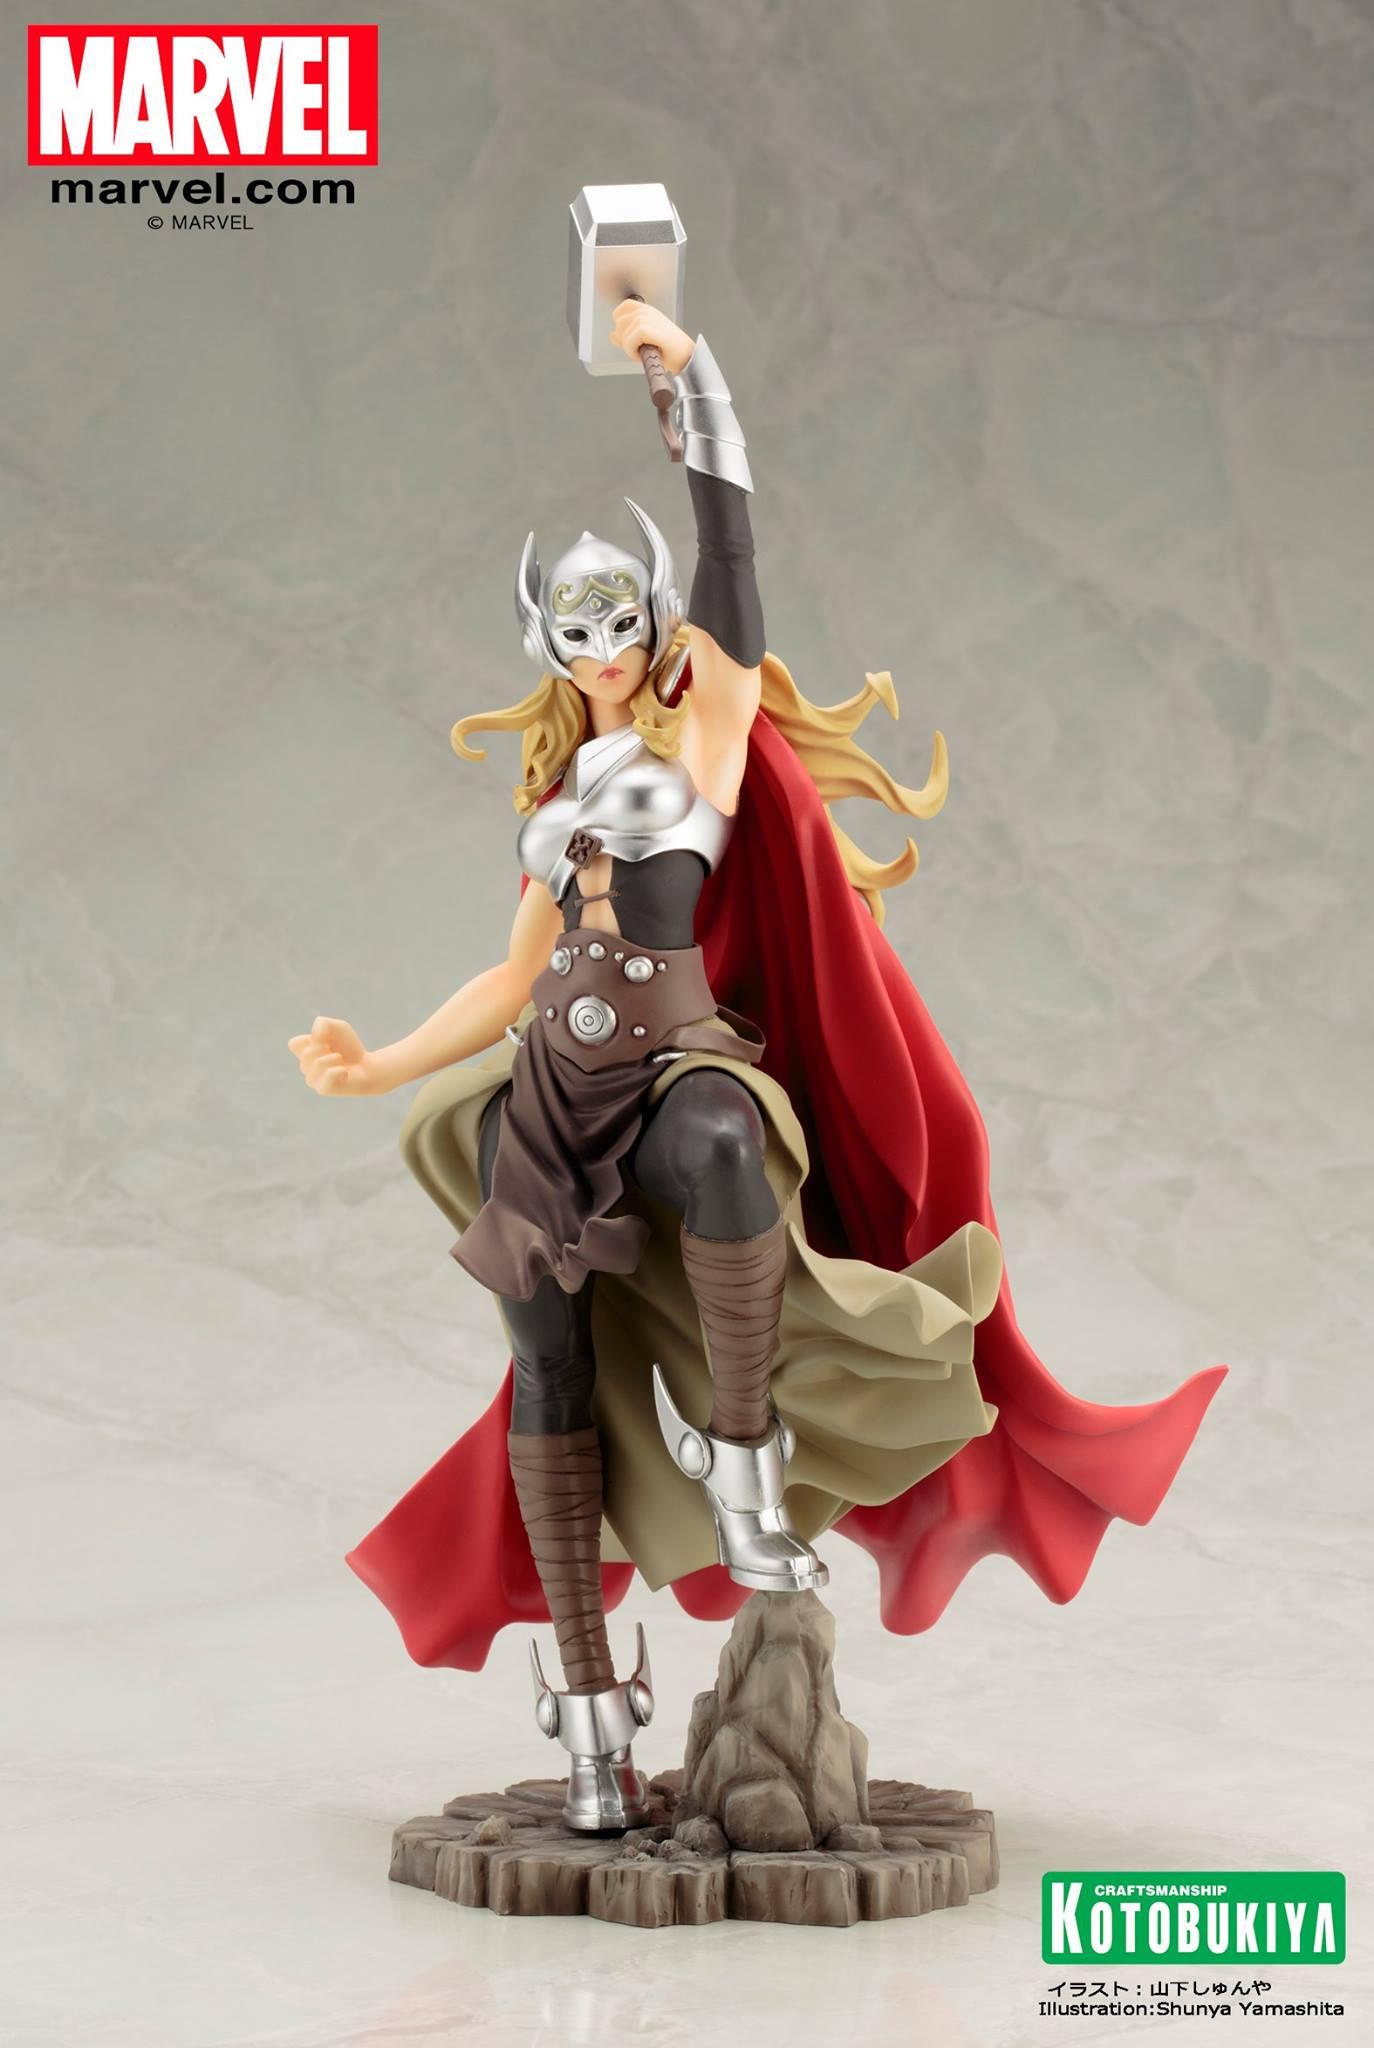 thor-bishoujo-statue-marvel-kotobukiya-3